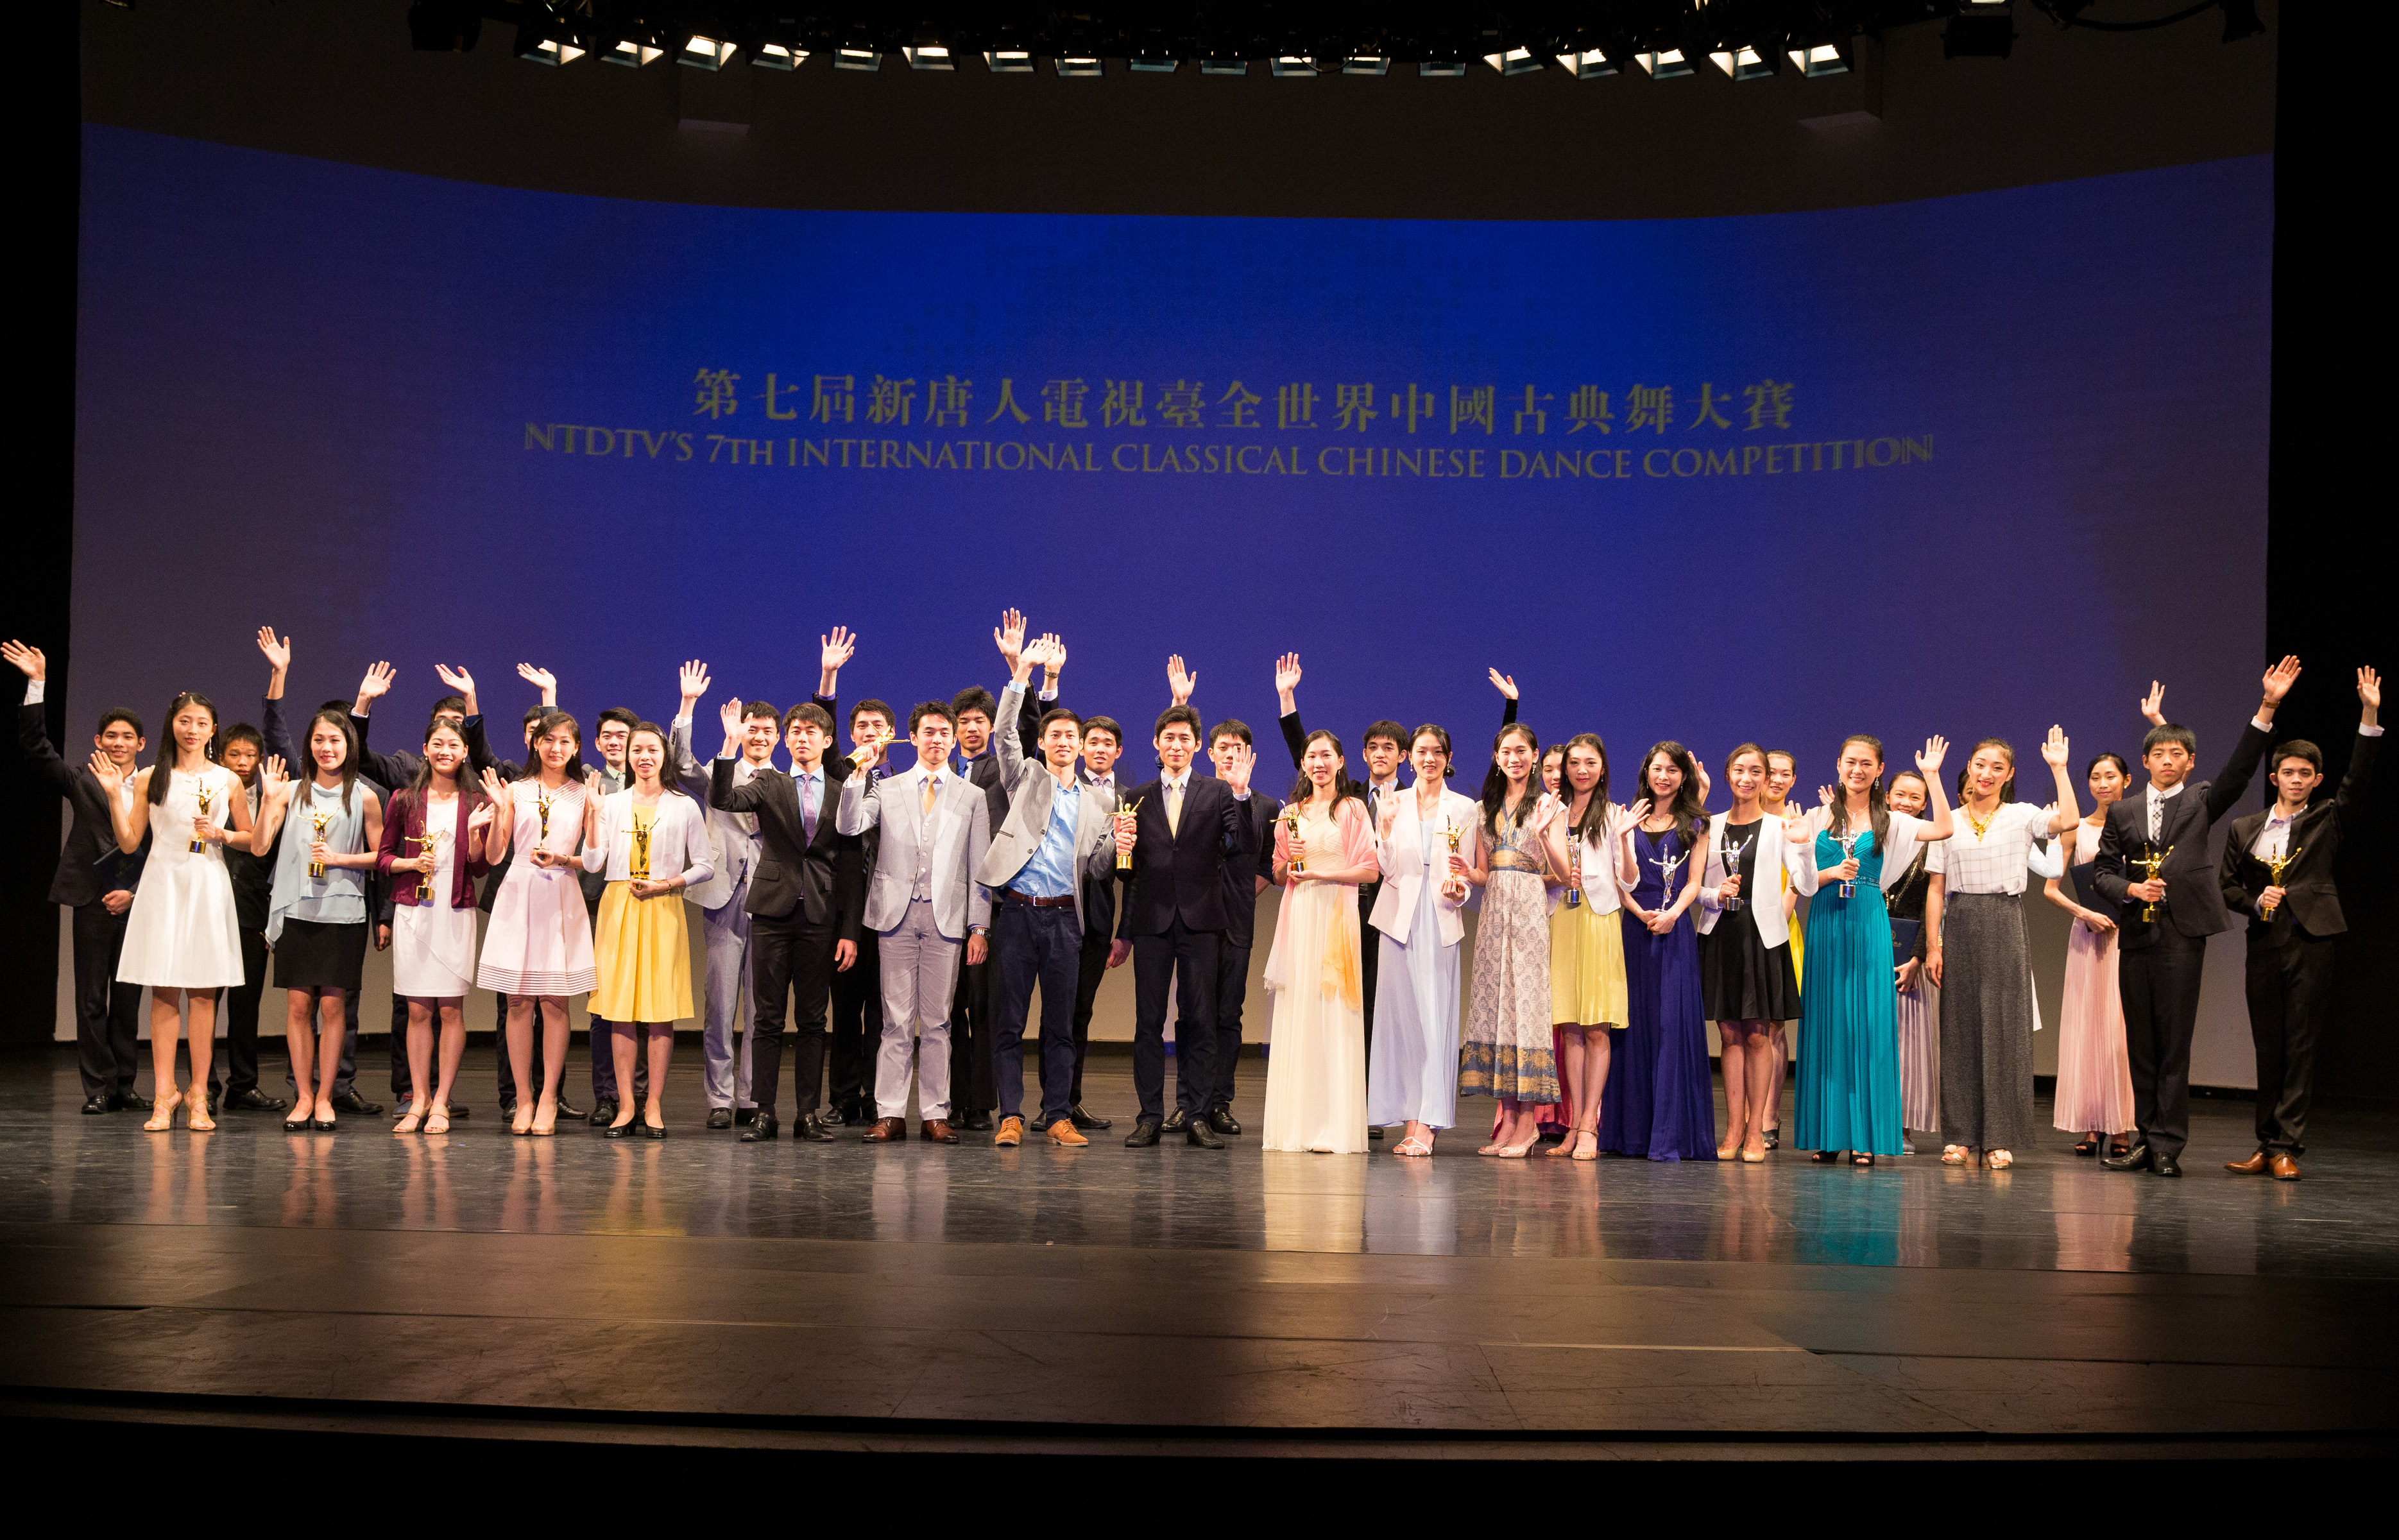 中國古典舞大賽獲獎名單揭曉 七人獲金獎